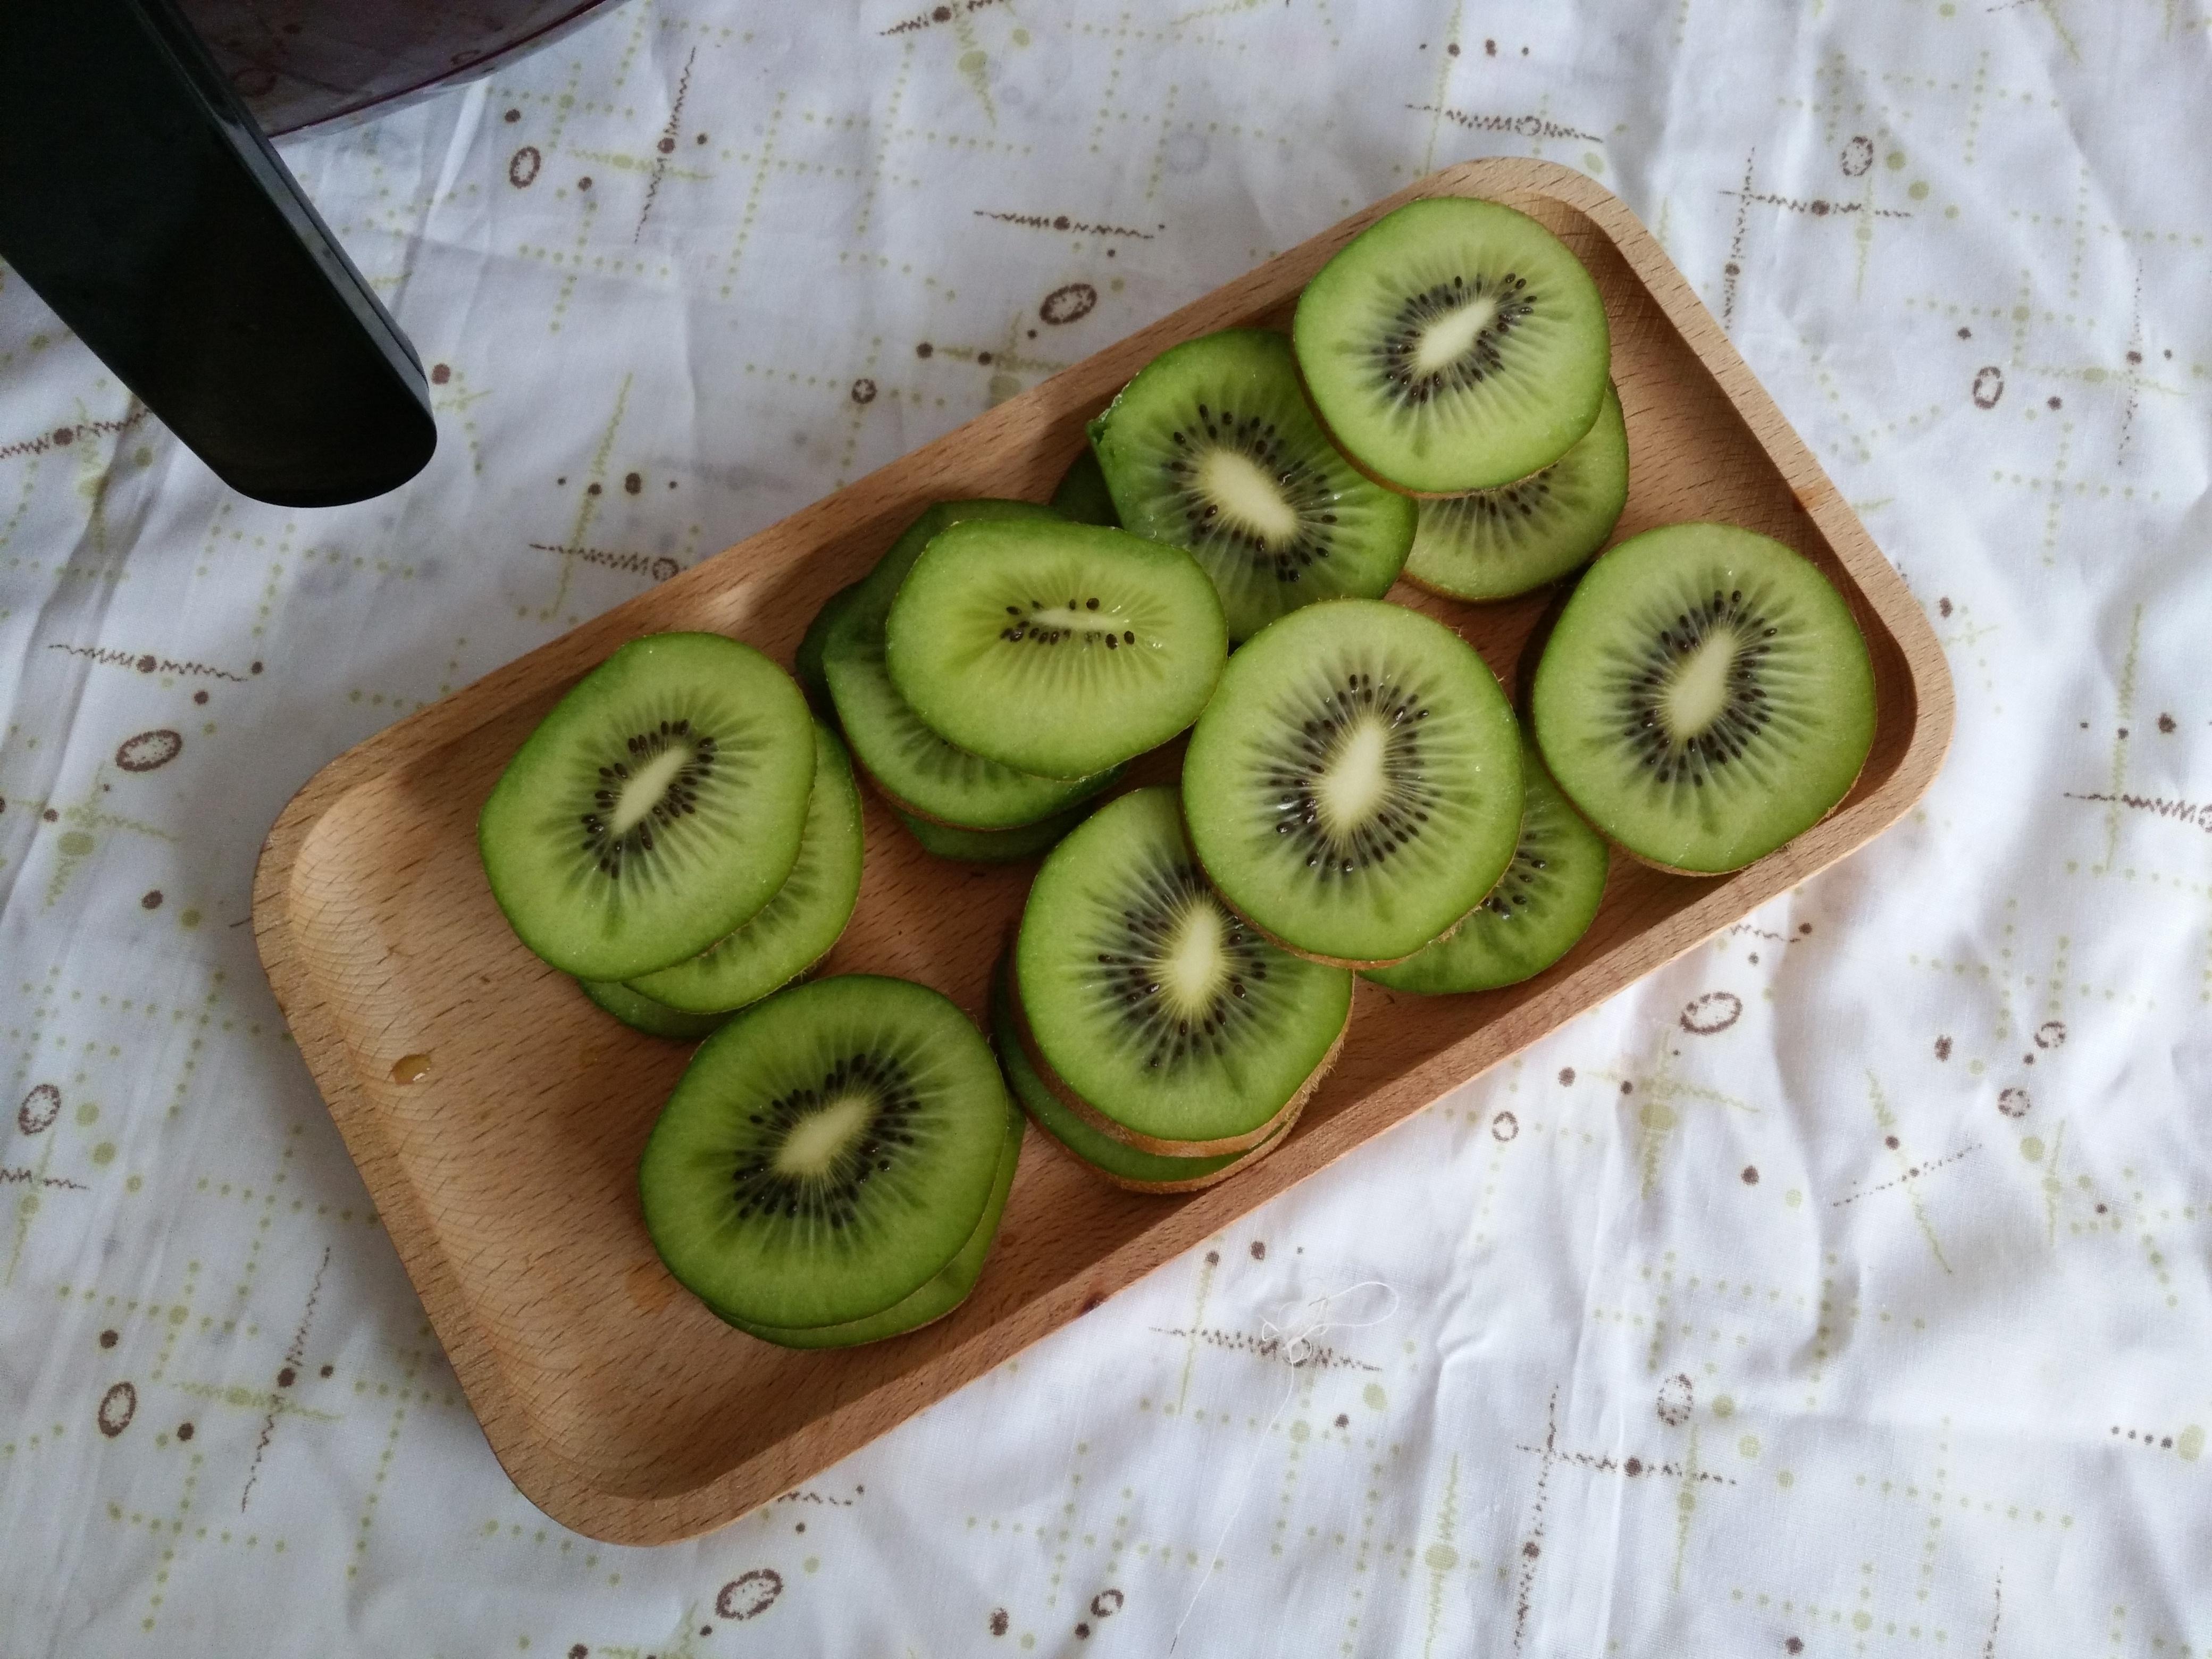 猕猴桃果干的做法步骤